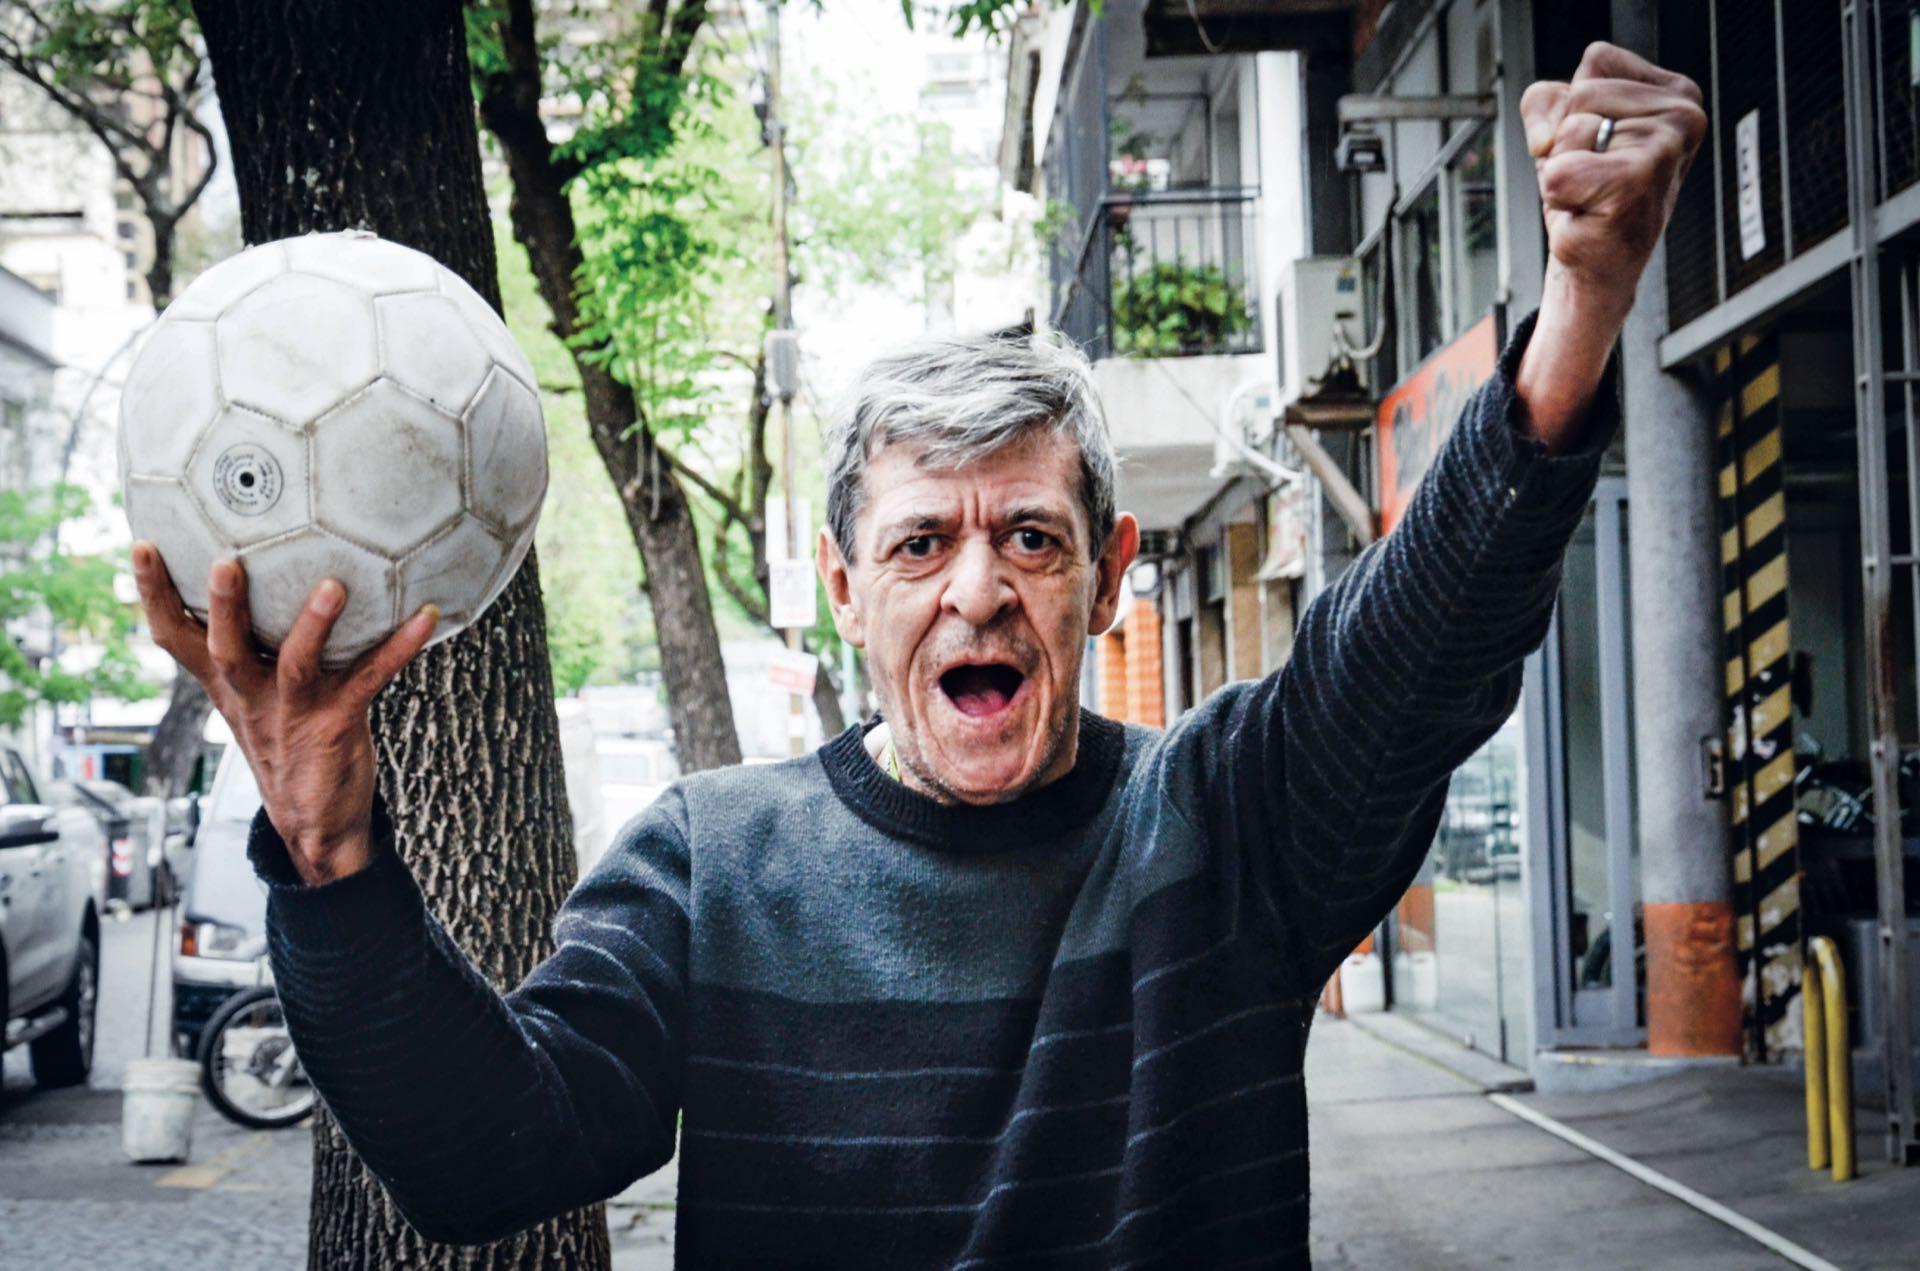 Campeón mundial en 1978. El ídolo eterno de Huracán llenó de alegría los estadios con su talento y frescura. A los 64 años el Loco René dejó en el recuerdo su figura fiel de jugador del pueblo.